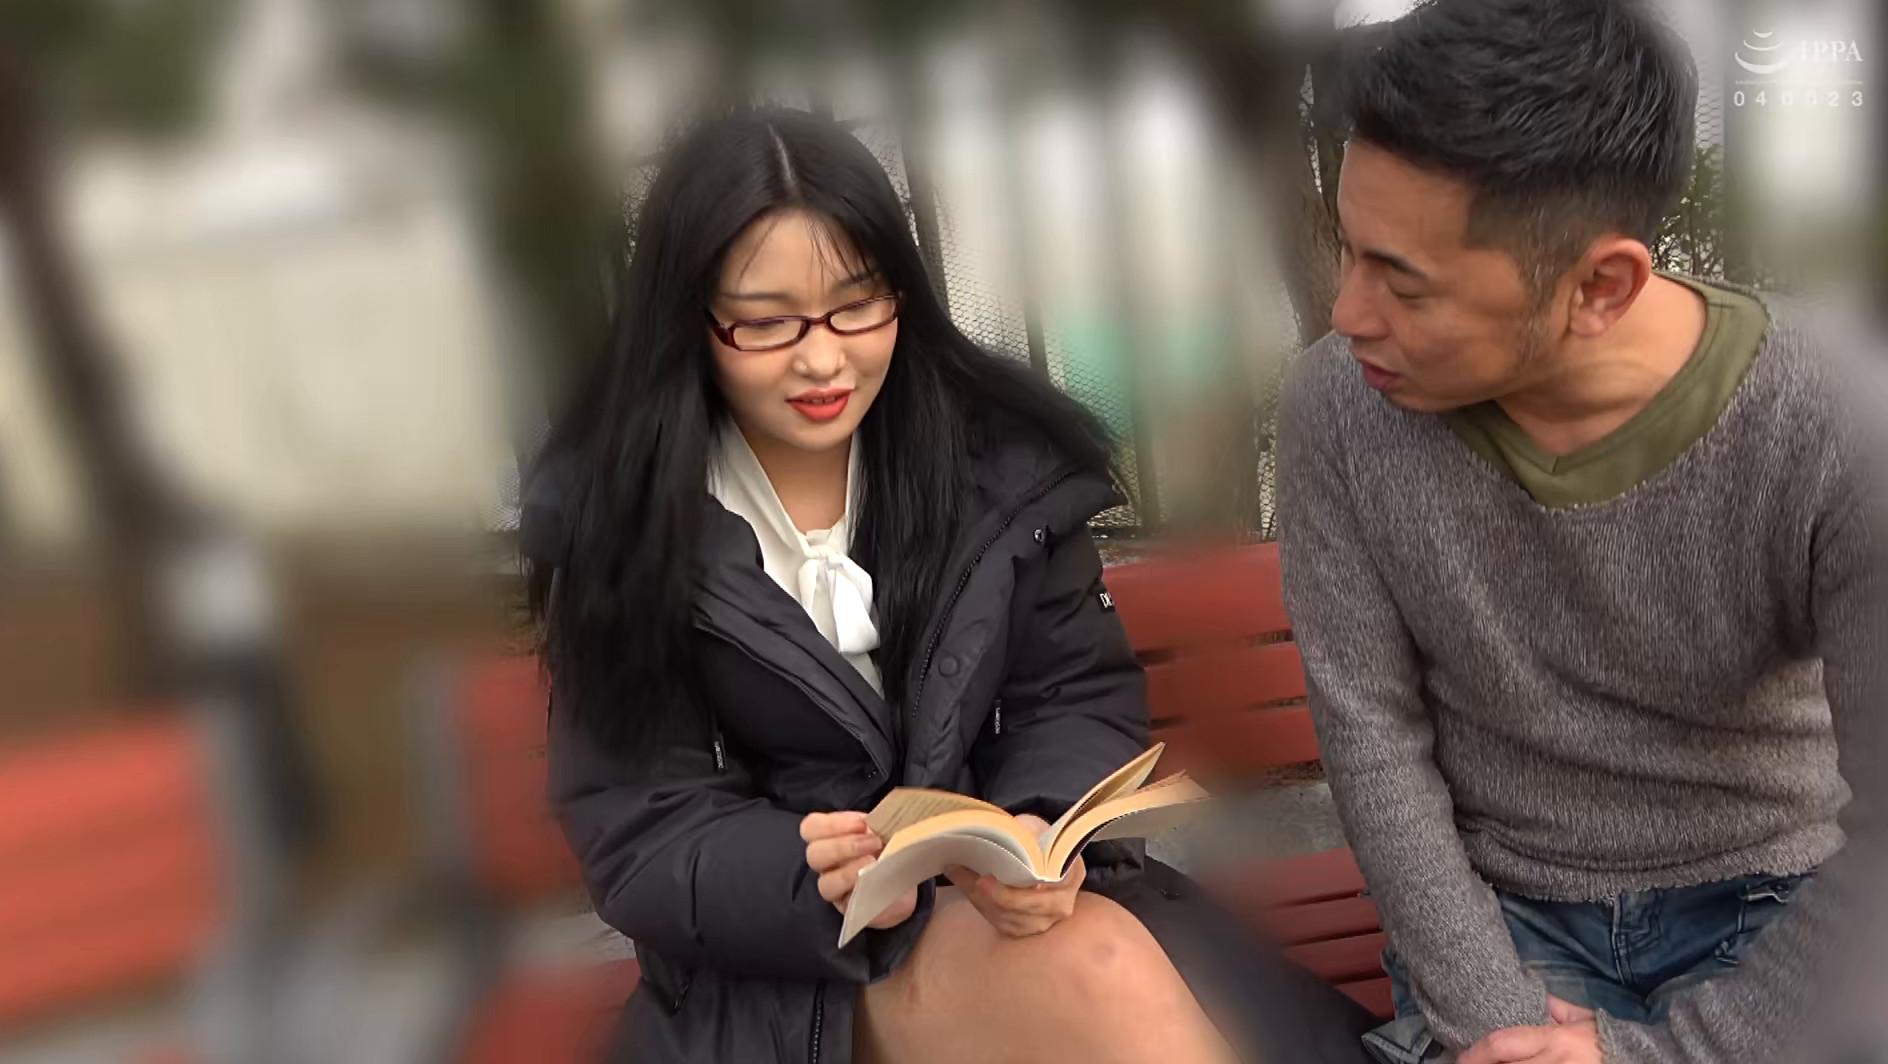 韓国で見つけた読書に夢中な堅物系の彼女は、エッチなこと好きでしょ?の直球質問にドギマギ!見かけによらずヤラしいパンティと舌出しべろちゅーで男をその気にさせる! 画像1